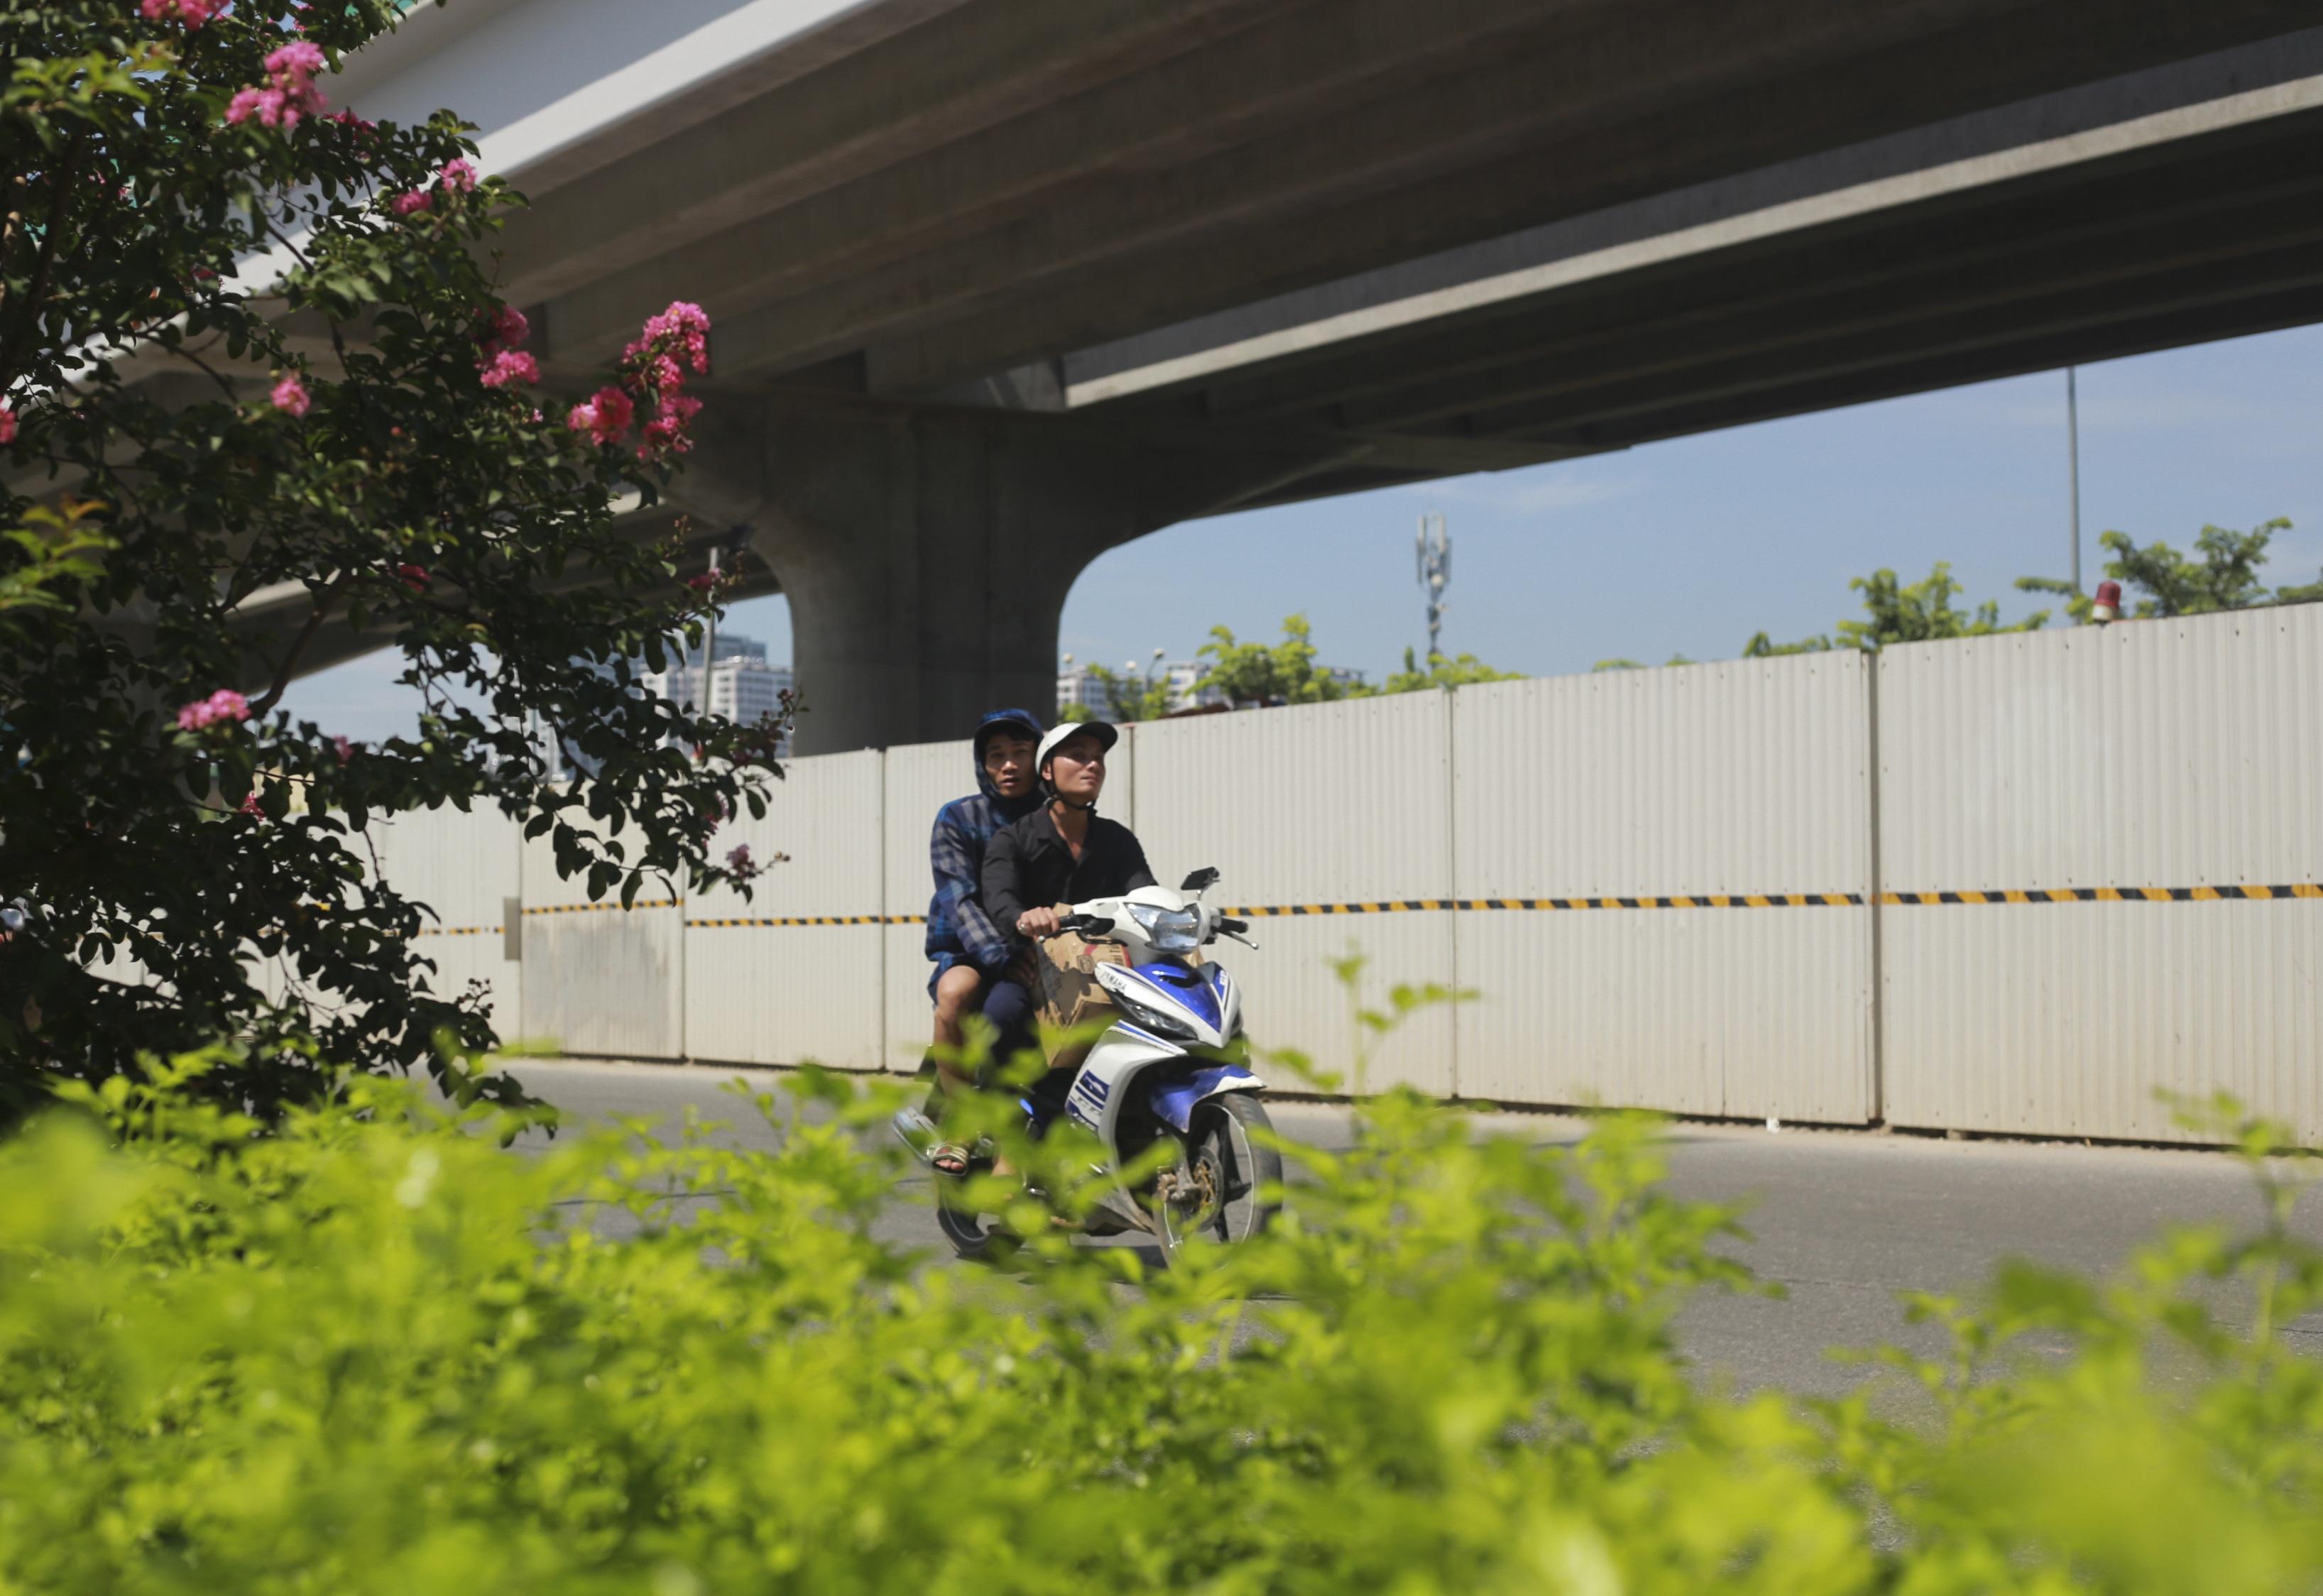 Toàn cảnh đại công trường đường 8.500 tỷ đồng ở cửa ngõ Hà Nội - 14